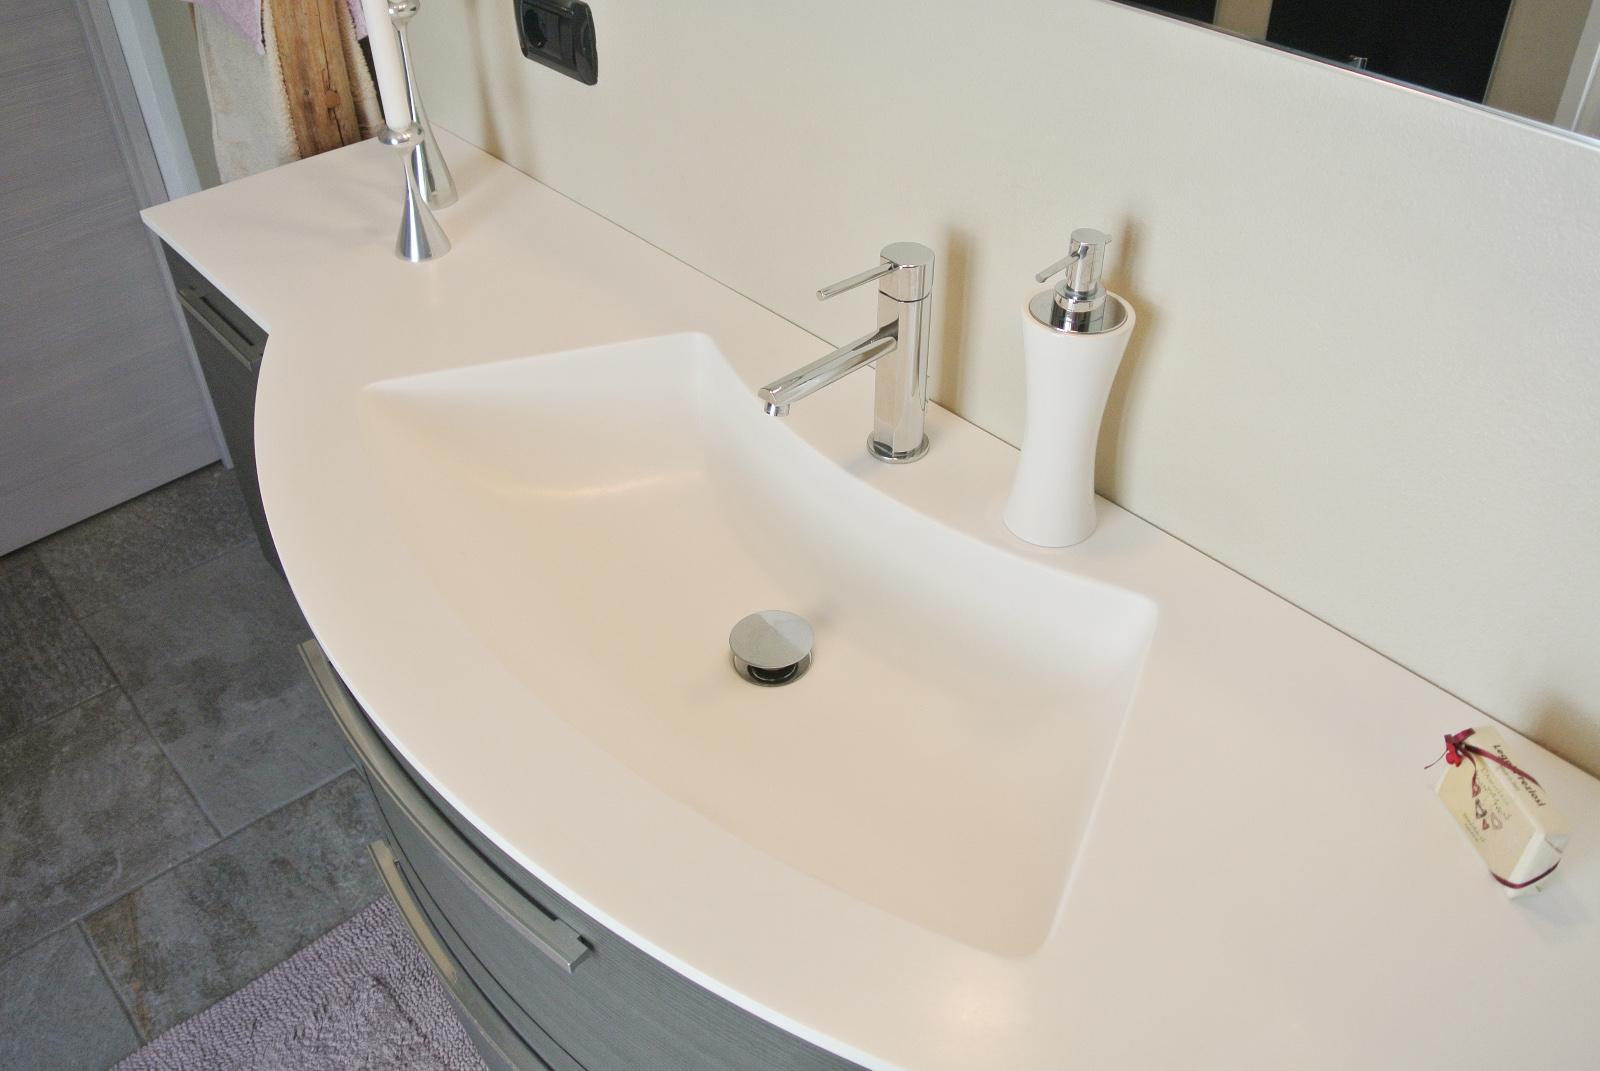 sintesibagno-verbania-lago-maggiore-svizzera-canton-ticino-locarno-ascona-bellinzona-piatto-doccia-grandi-dimensioni-filo-pavimento-dettaglio-lavabo-integrato-corian